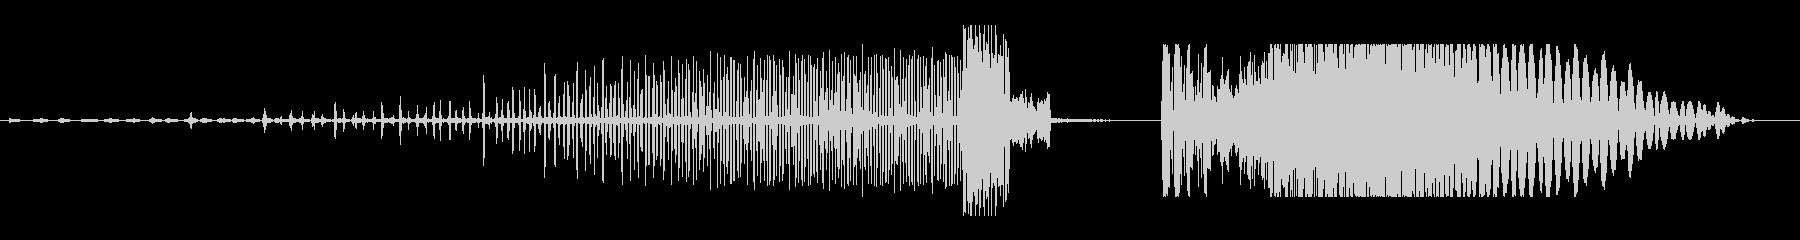 溜めビーム(ビビビビ カオッドゥン)の未再生の波形